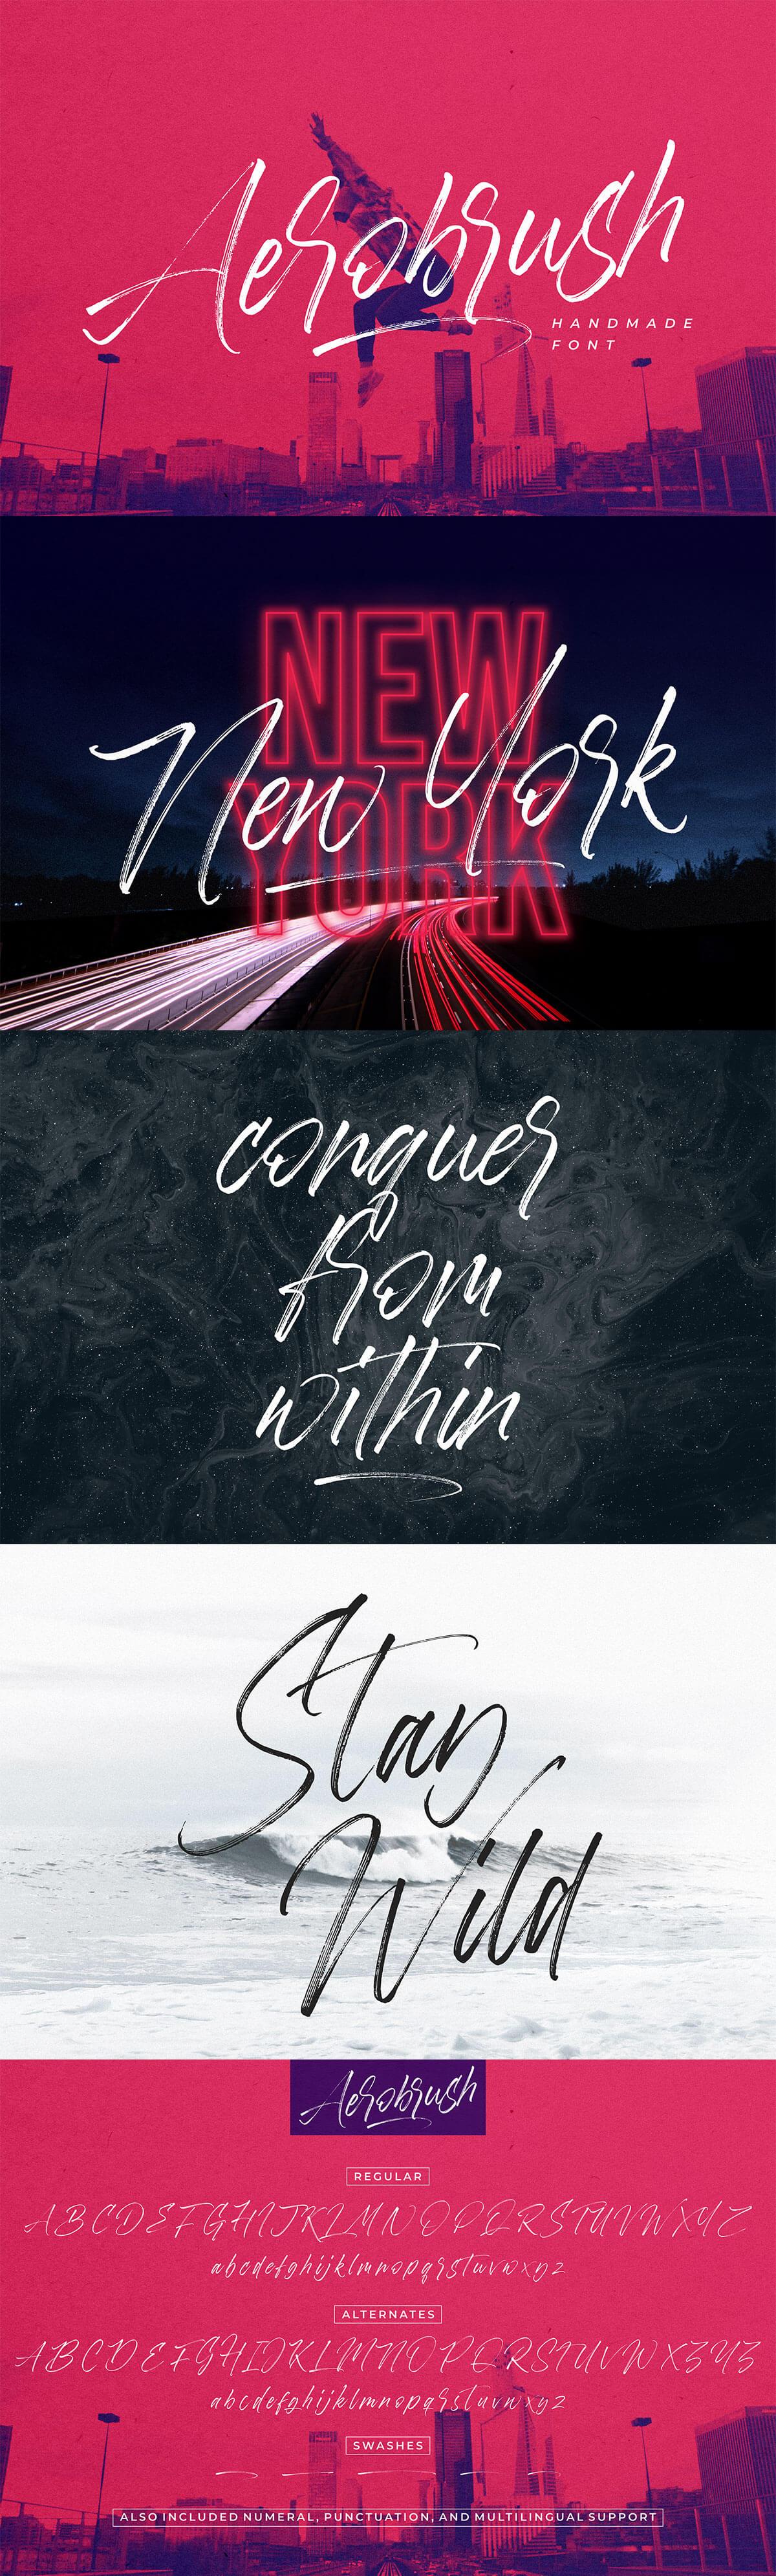 Free Aerobrush Handmade Font